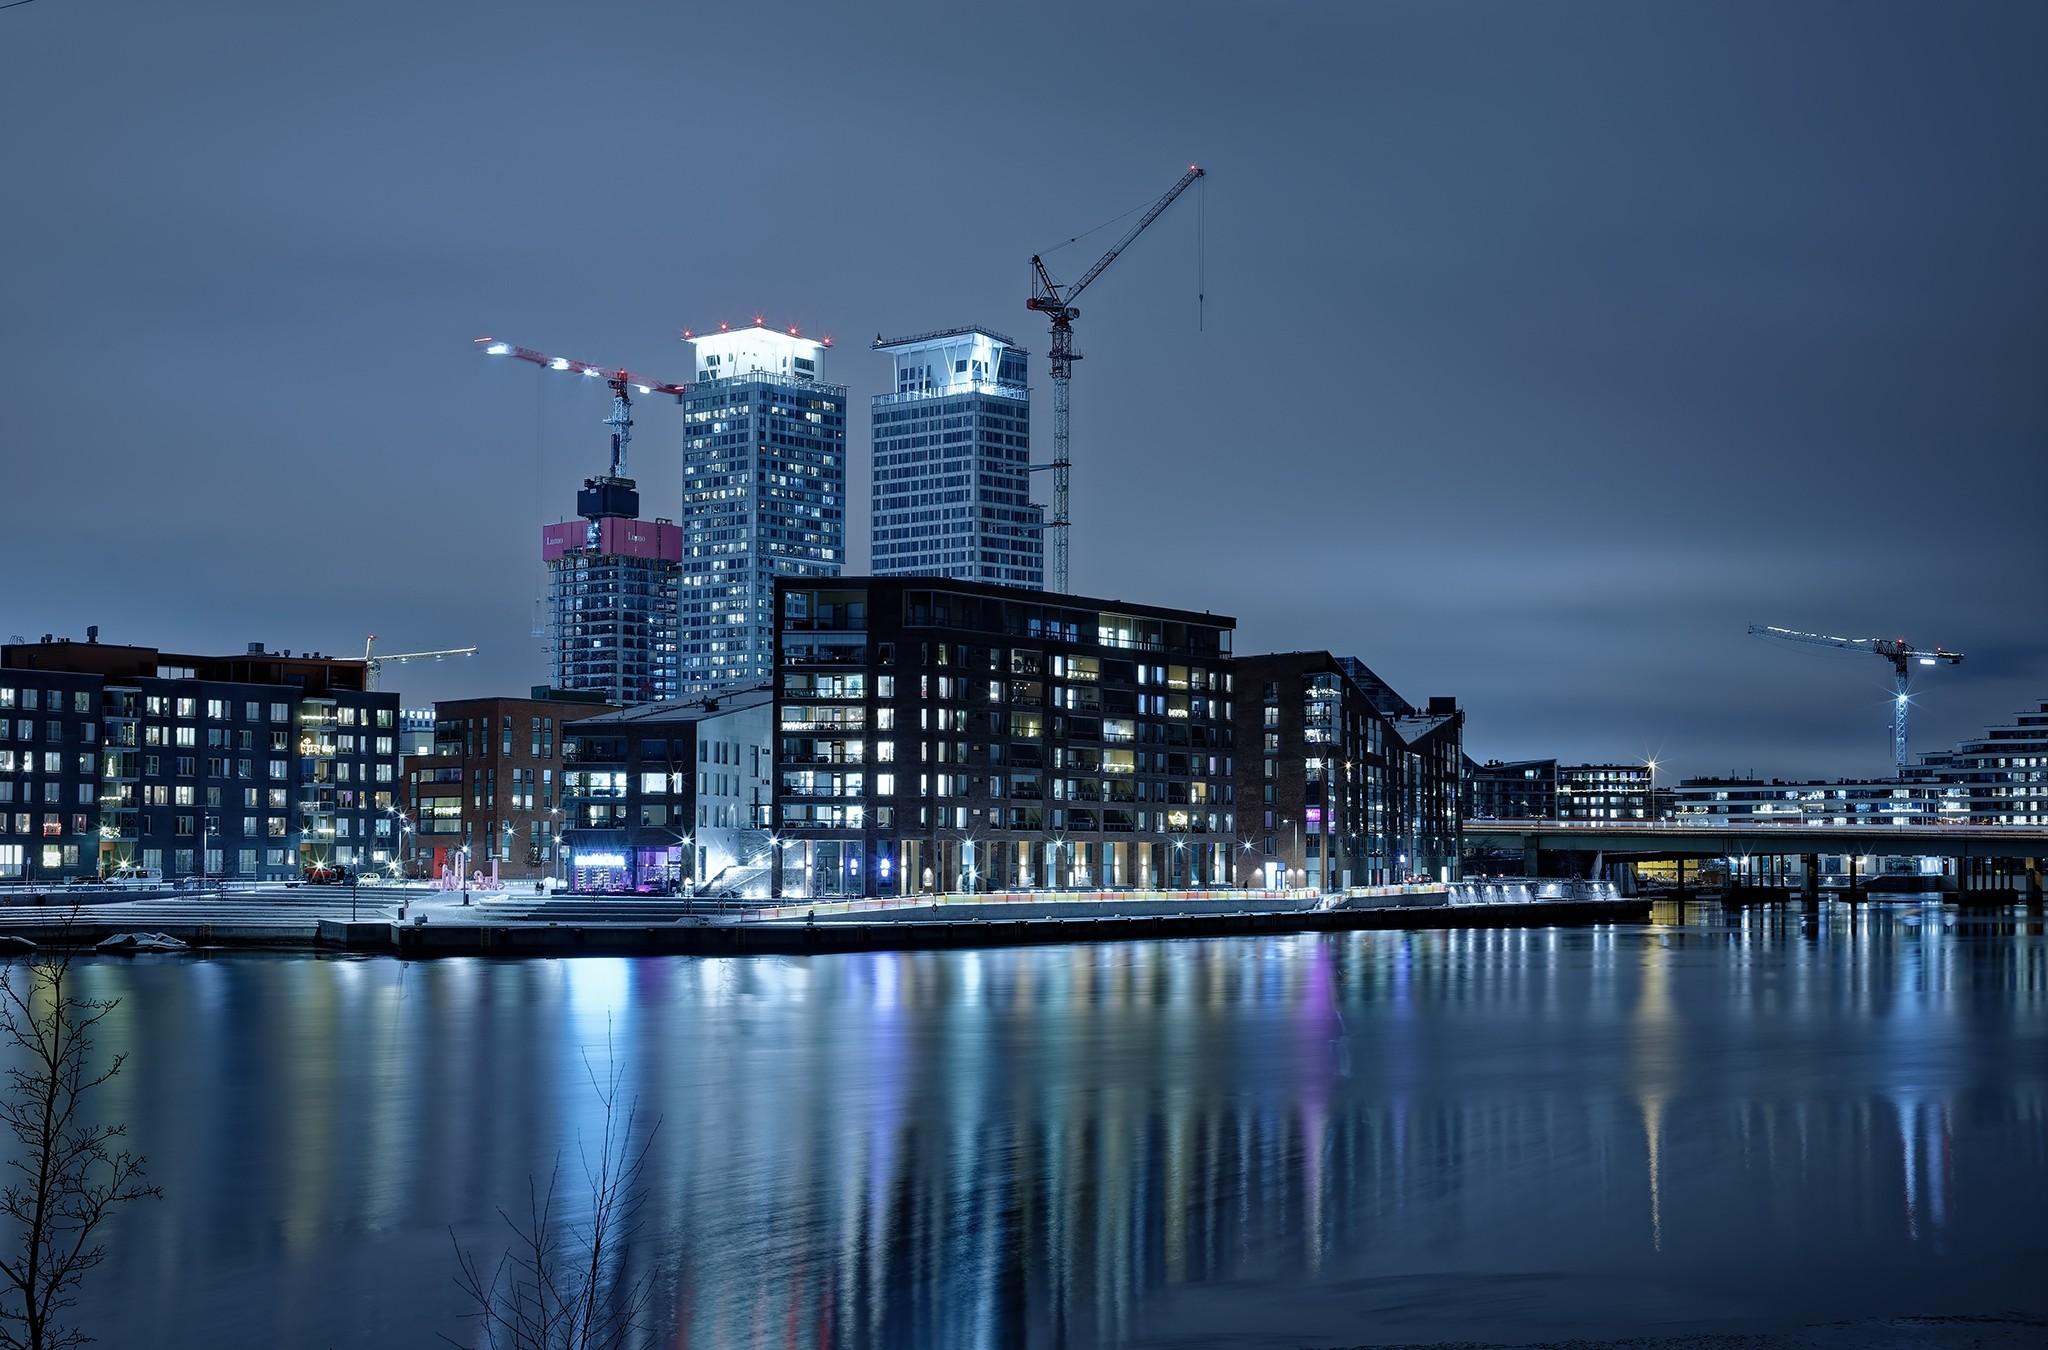 Helsinki Finland Suomi cityscape Kalsatama